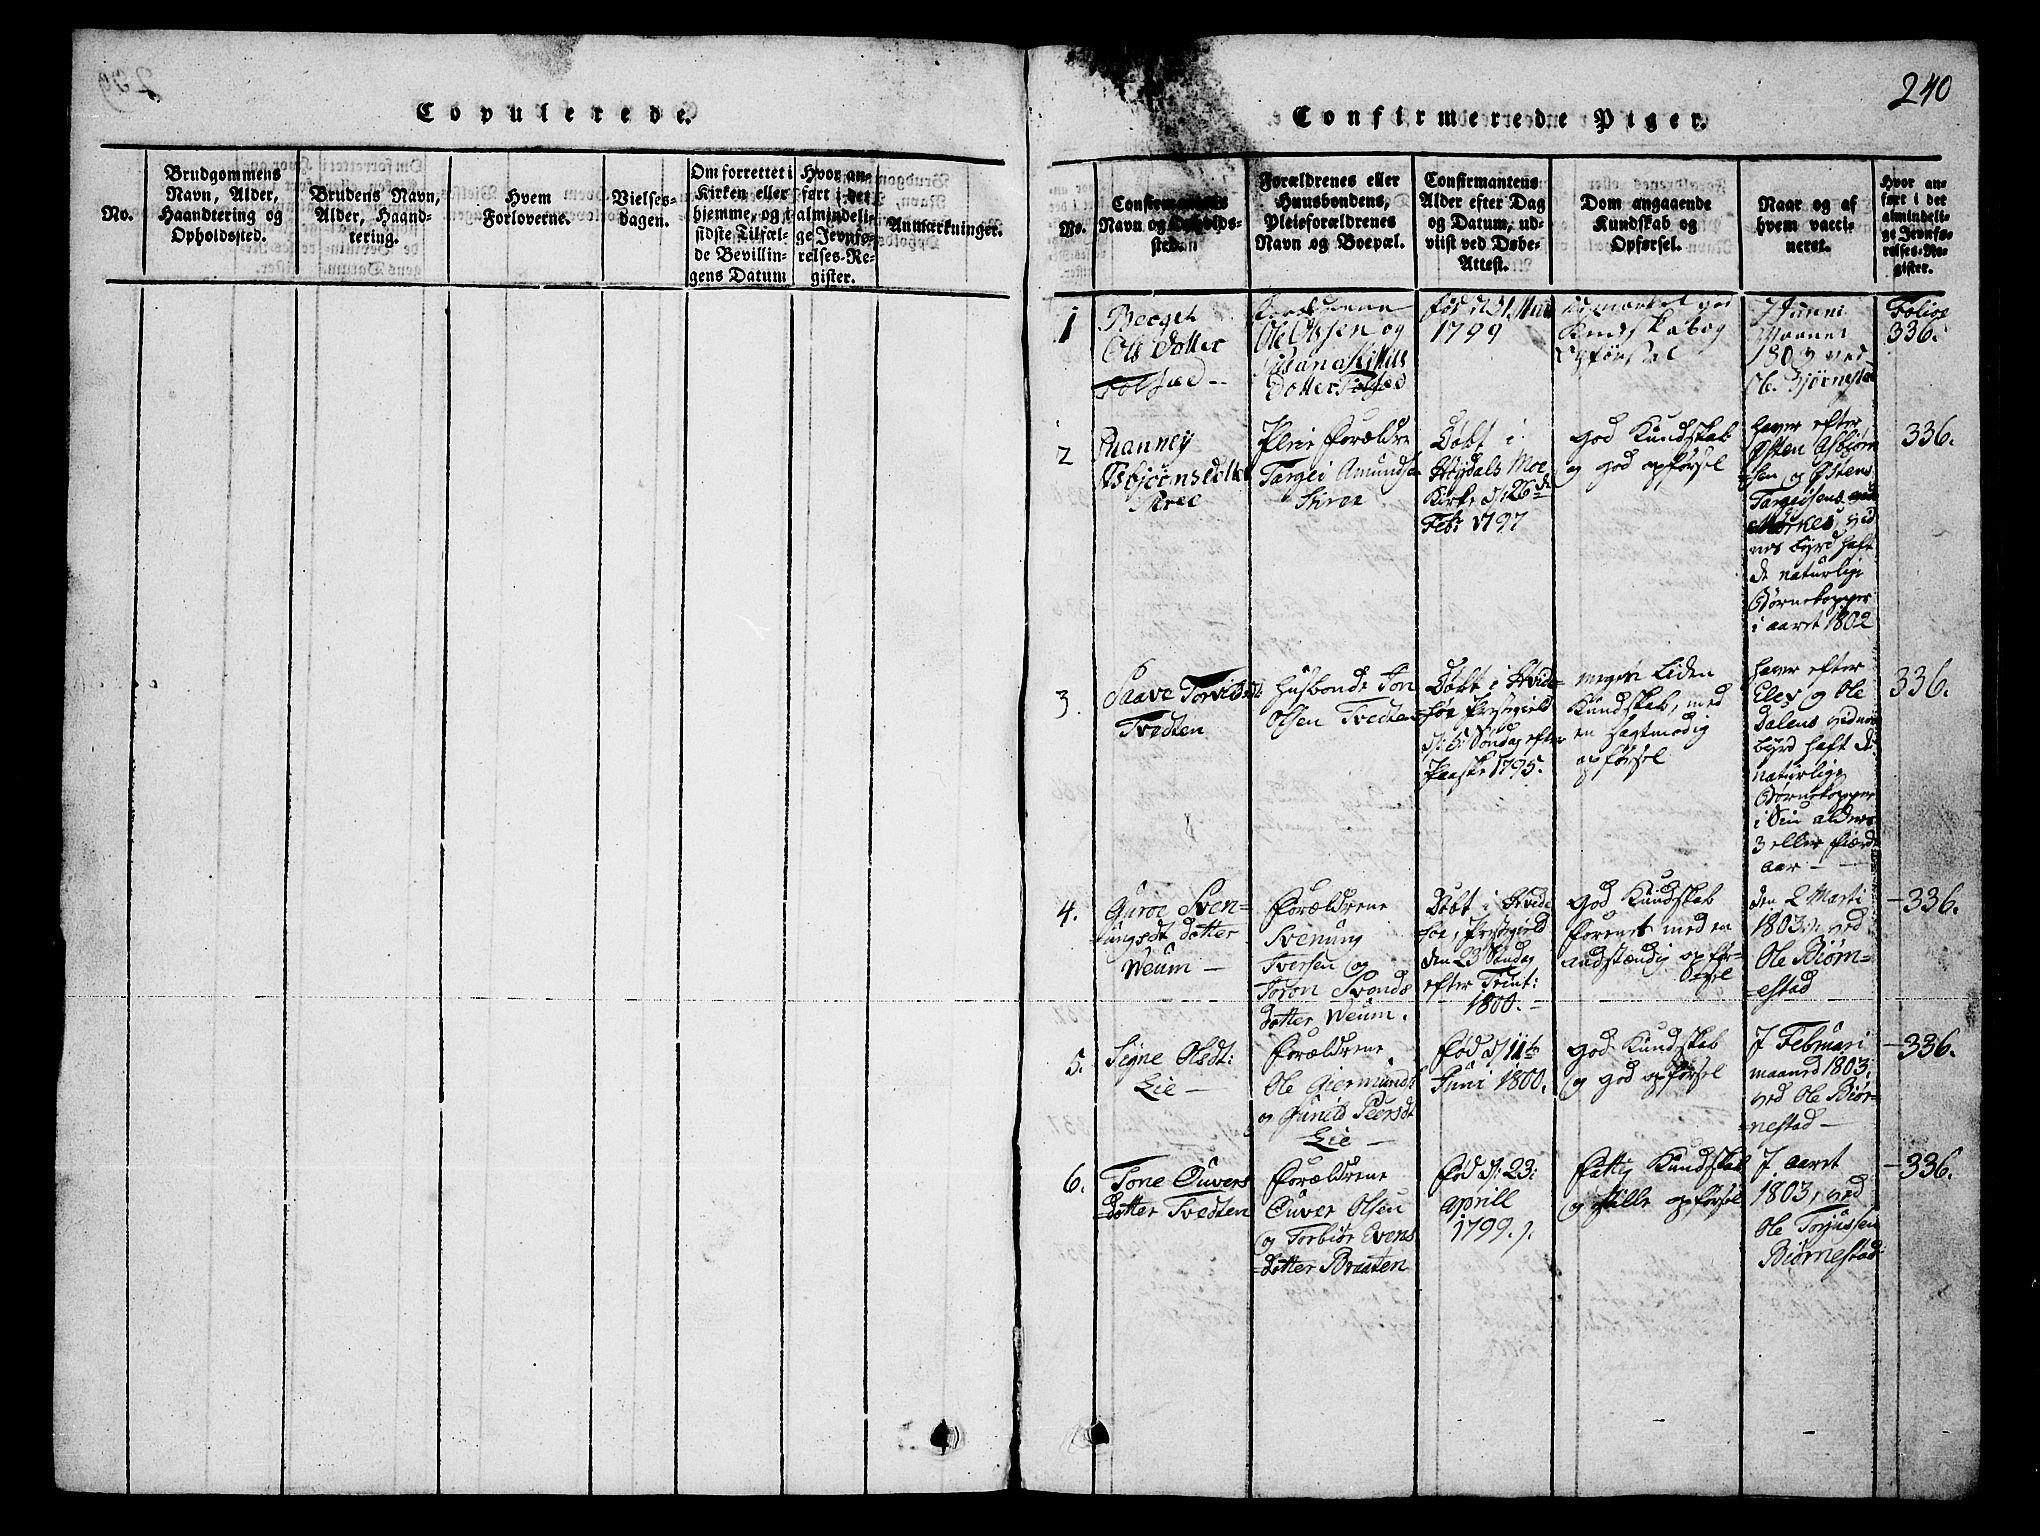 SAKO, Fyresdal kirkebøker, G/Ga/L0003: Klokkerbok nr. I 3, 1815-1863, s. 240